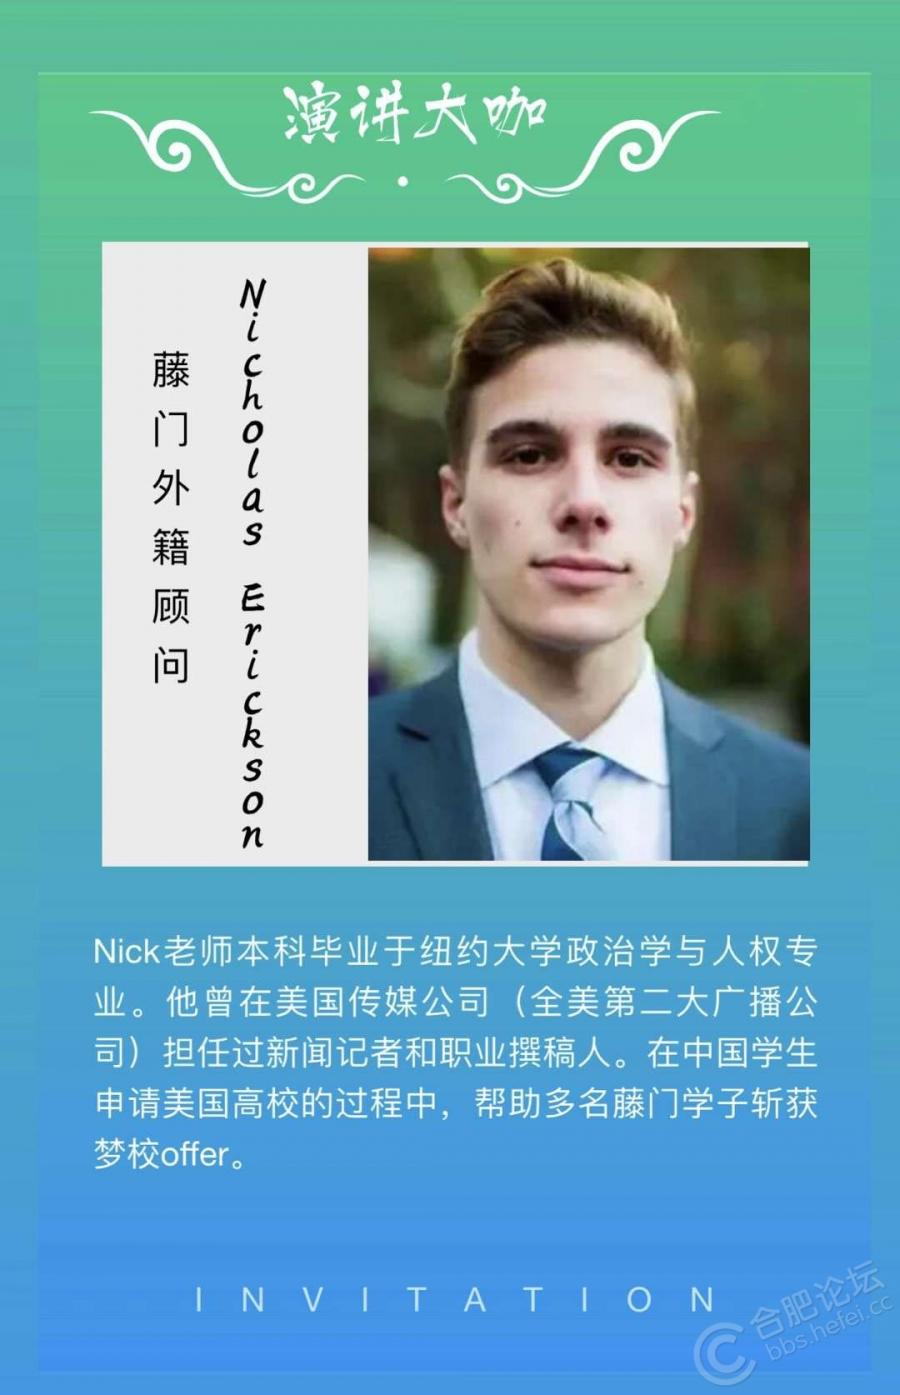 Nick.jpg